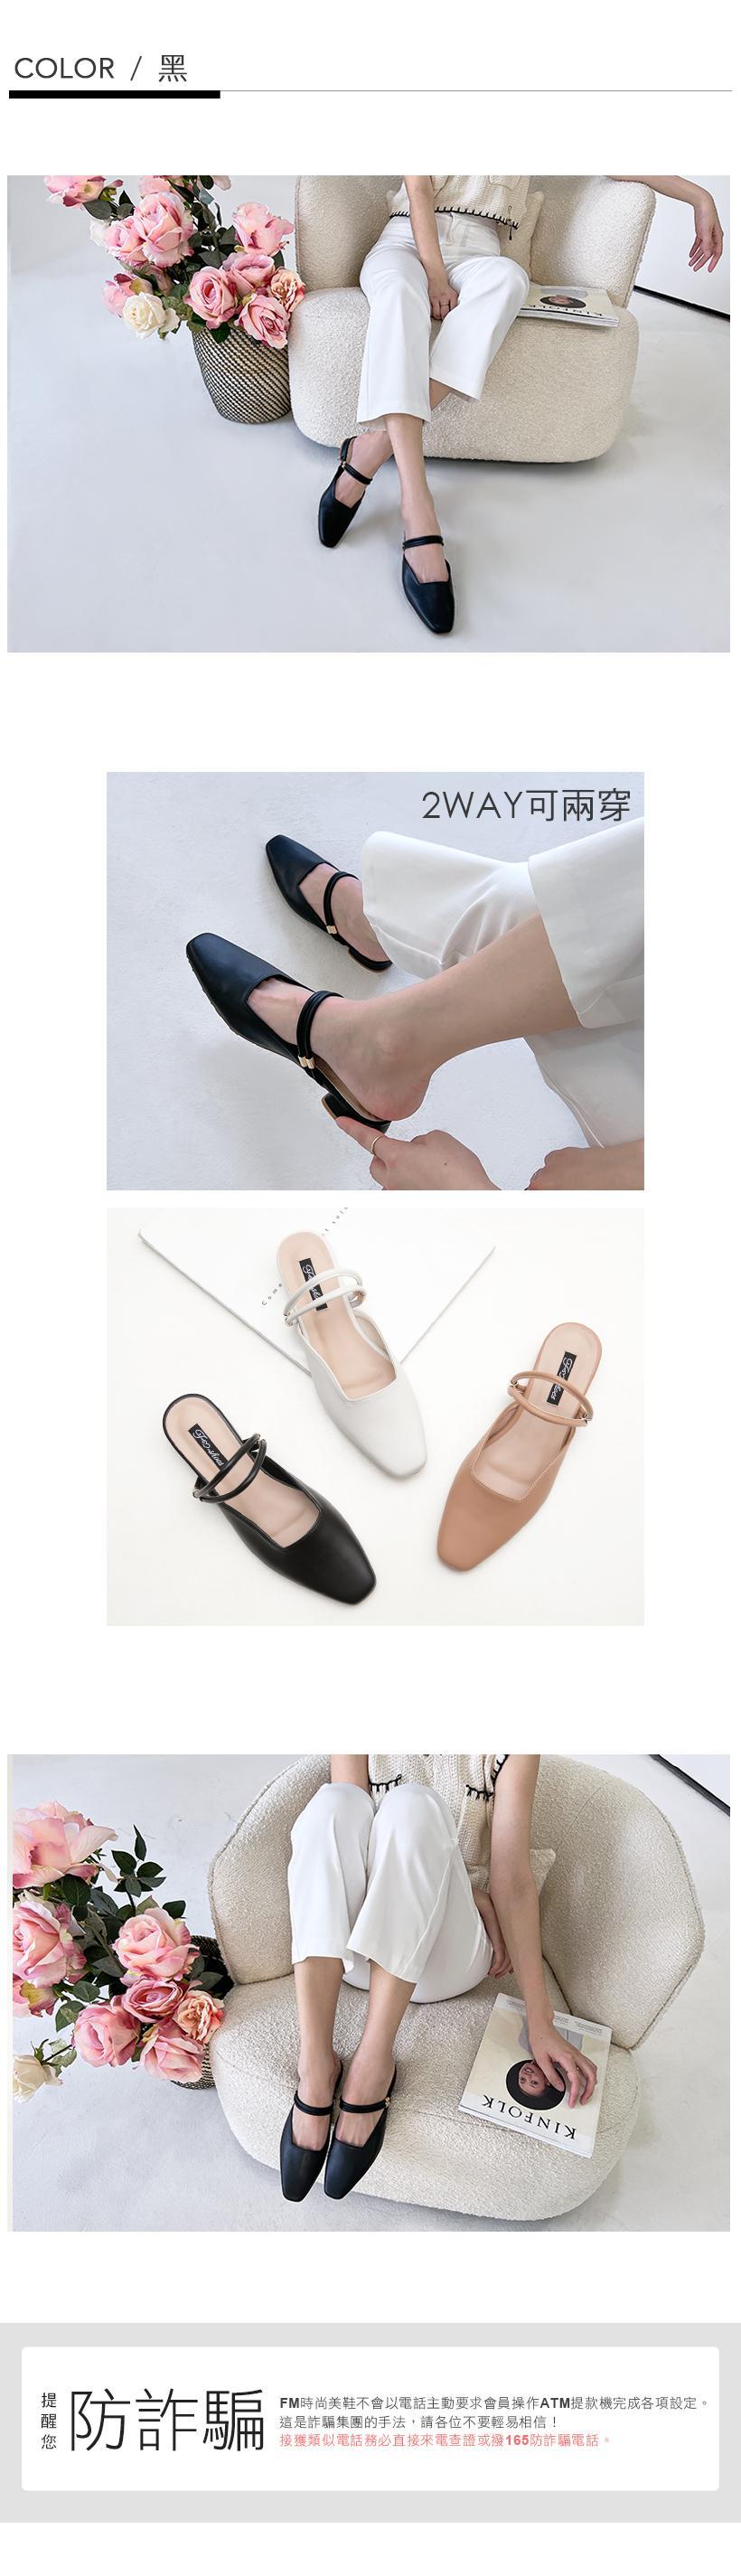 訂製款-2way幾何剪裁穆勒鞋